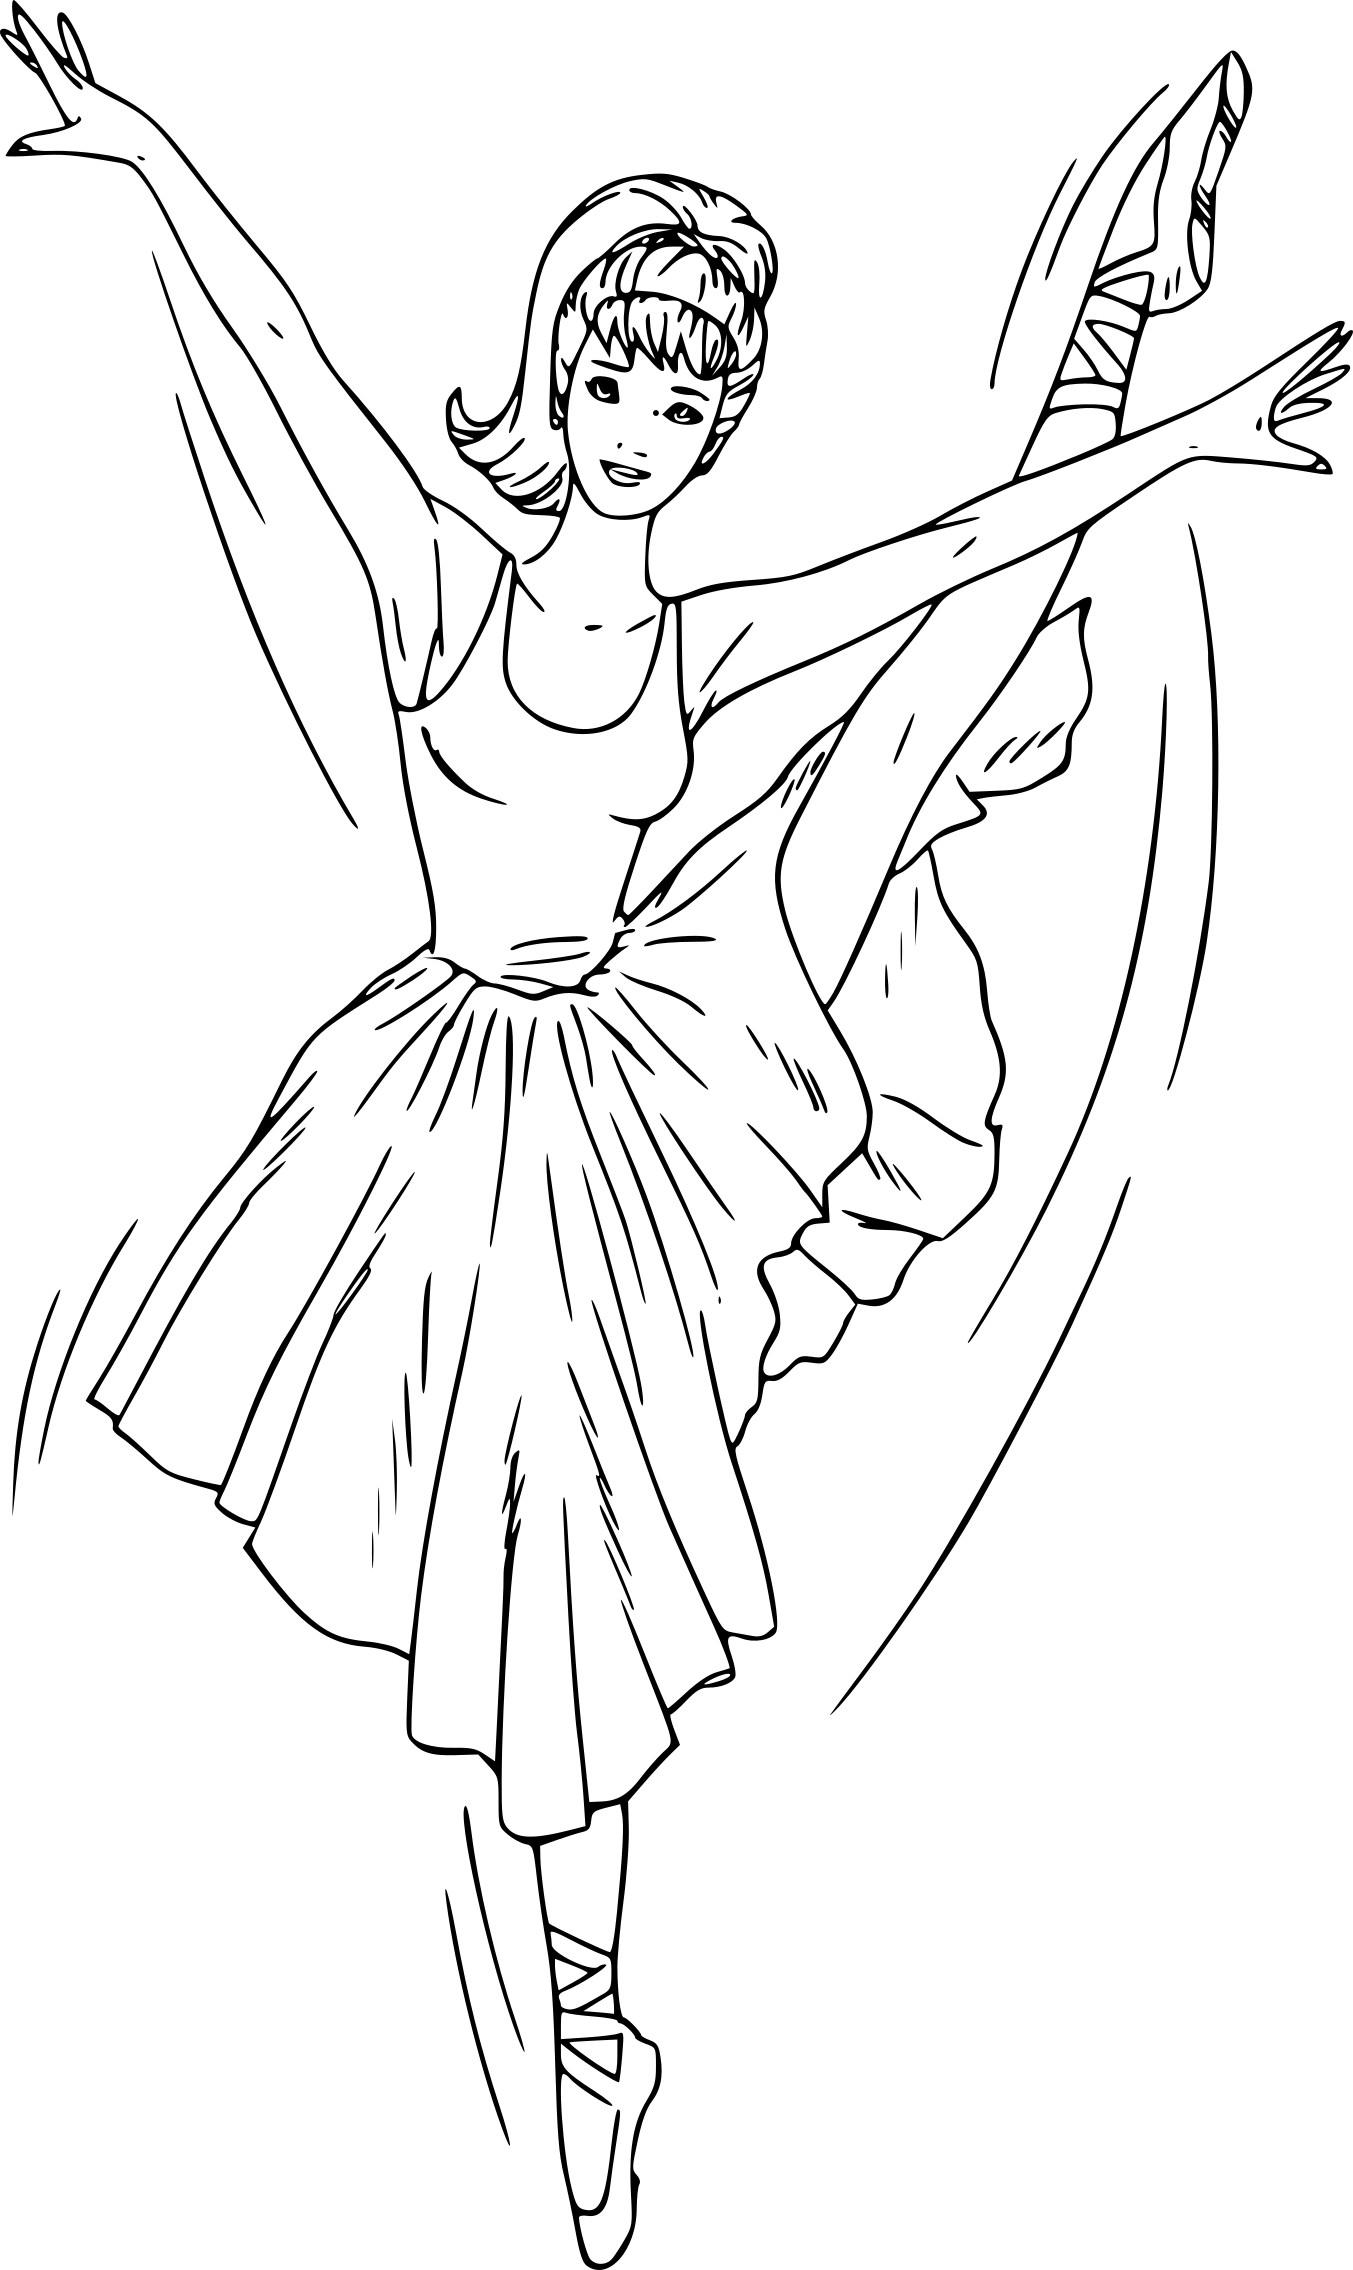 Coloriage Barbie Danseuse Sur Coloriages À Imprimer 8Nop0Wk à Dessin De Danseuse A Imprimer